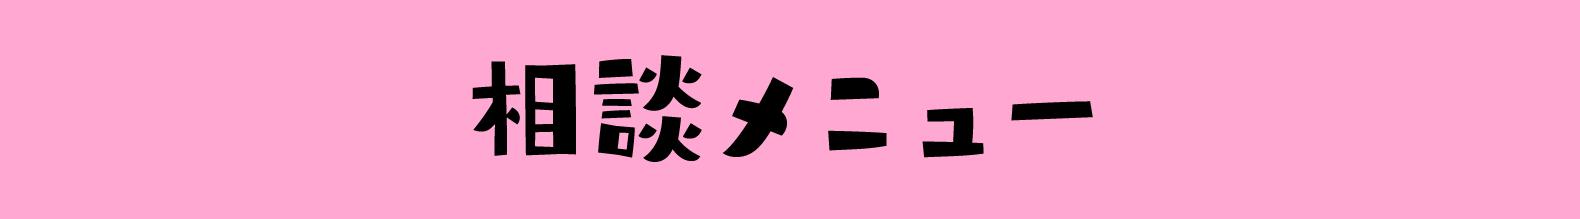 メニューバー_相談_アートボード 1.png